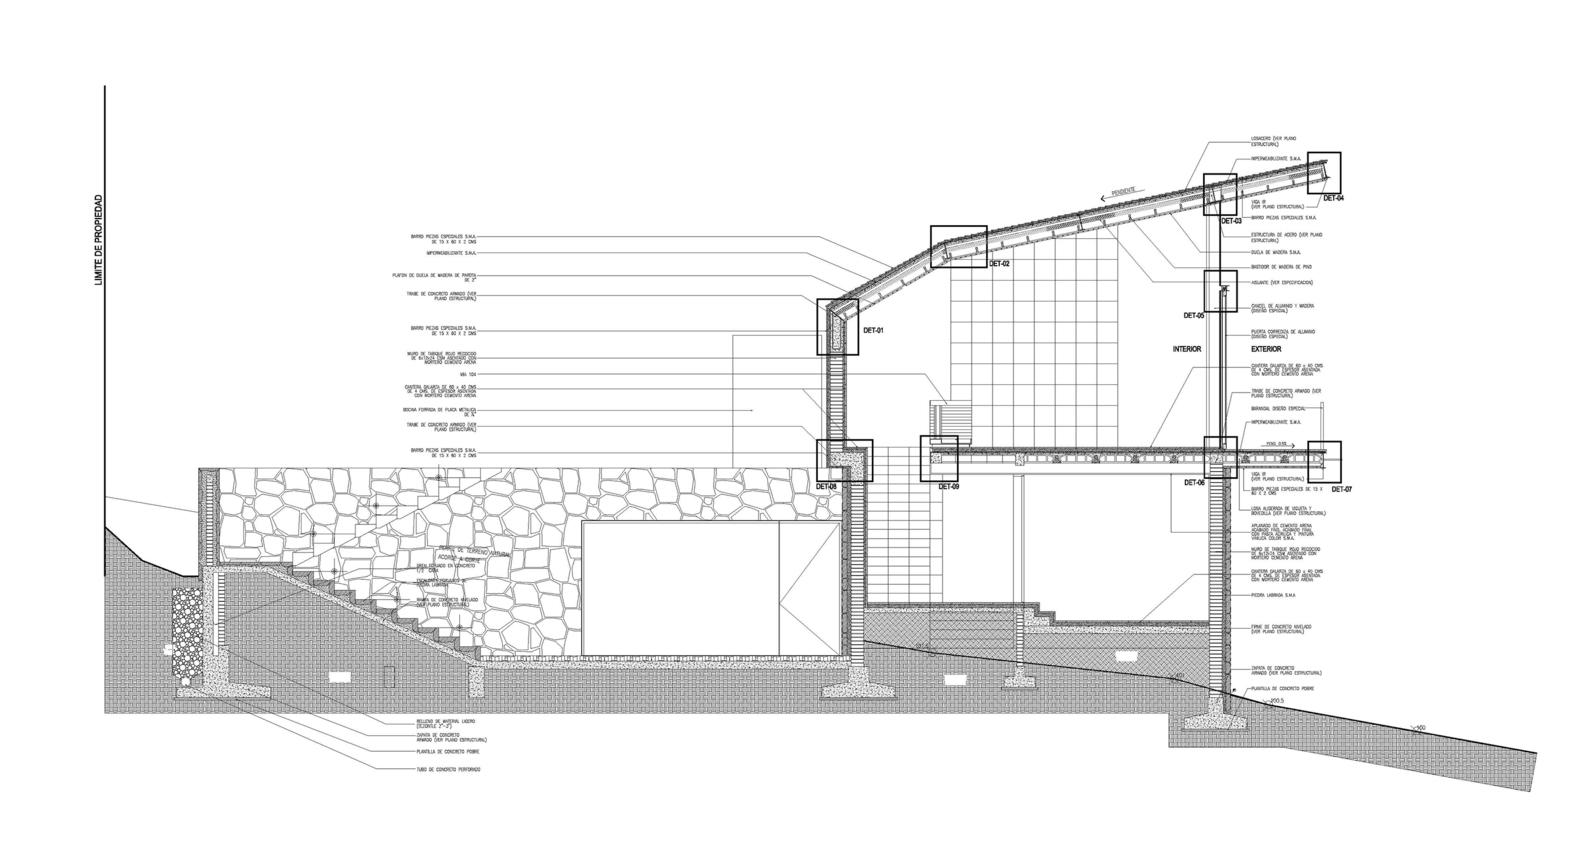 Casa en el bosque section drawing